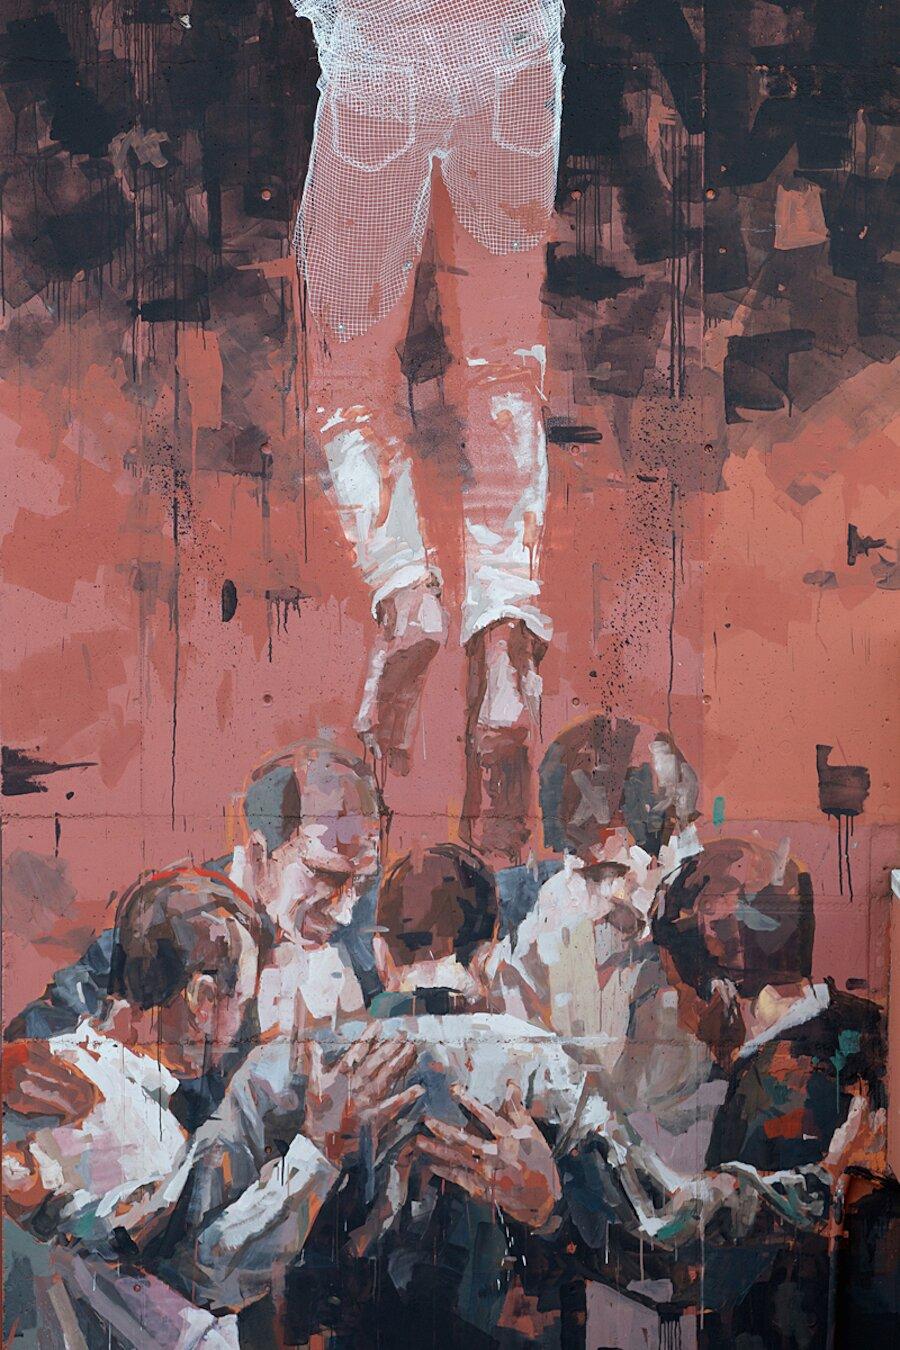 scultura-filo-metallo-street-art-edoardo-tresoldi-gonzalo-borondo-chained-bicocca-milano-2